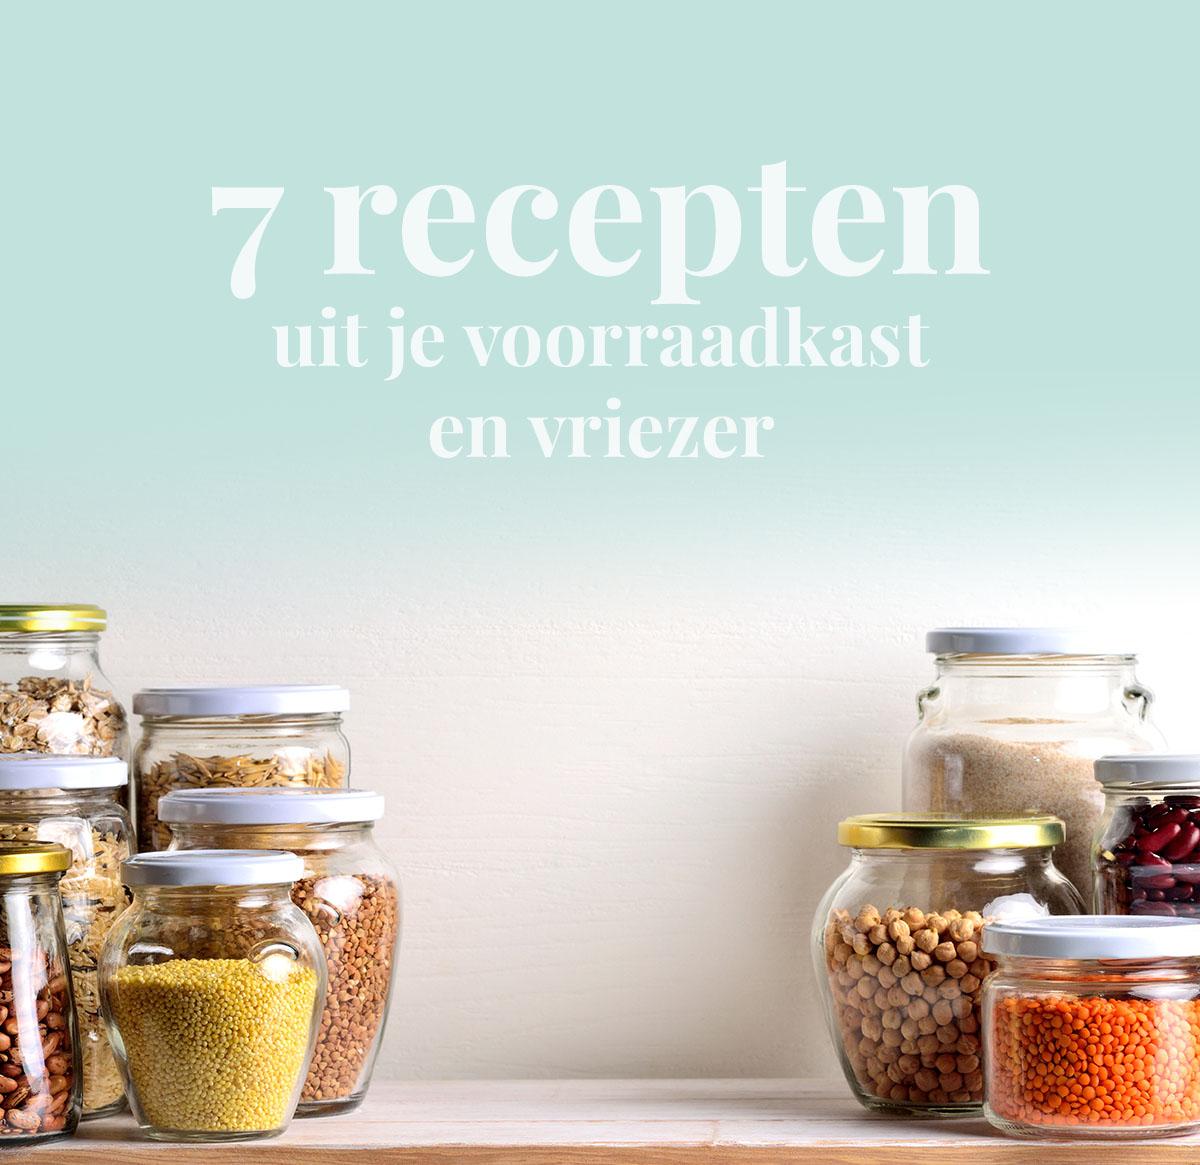 Empty the fridge - 7 recepten uit je voorraadkast en vriezer